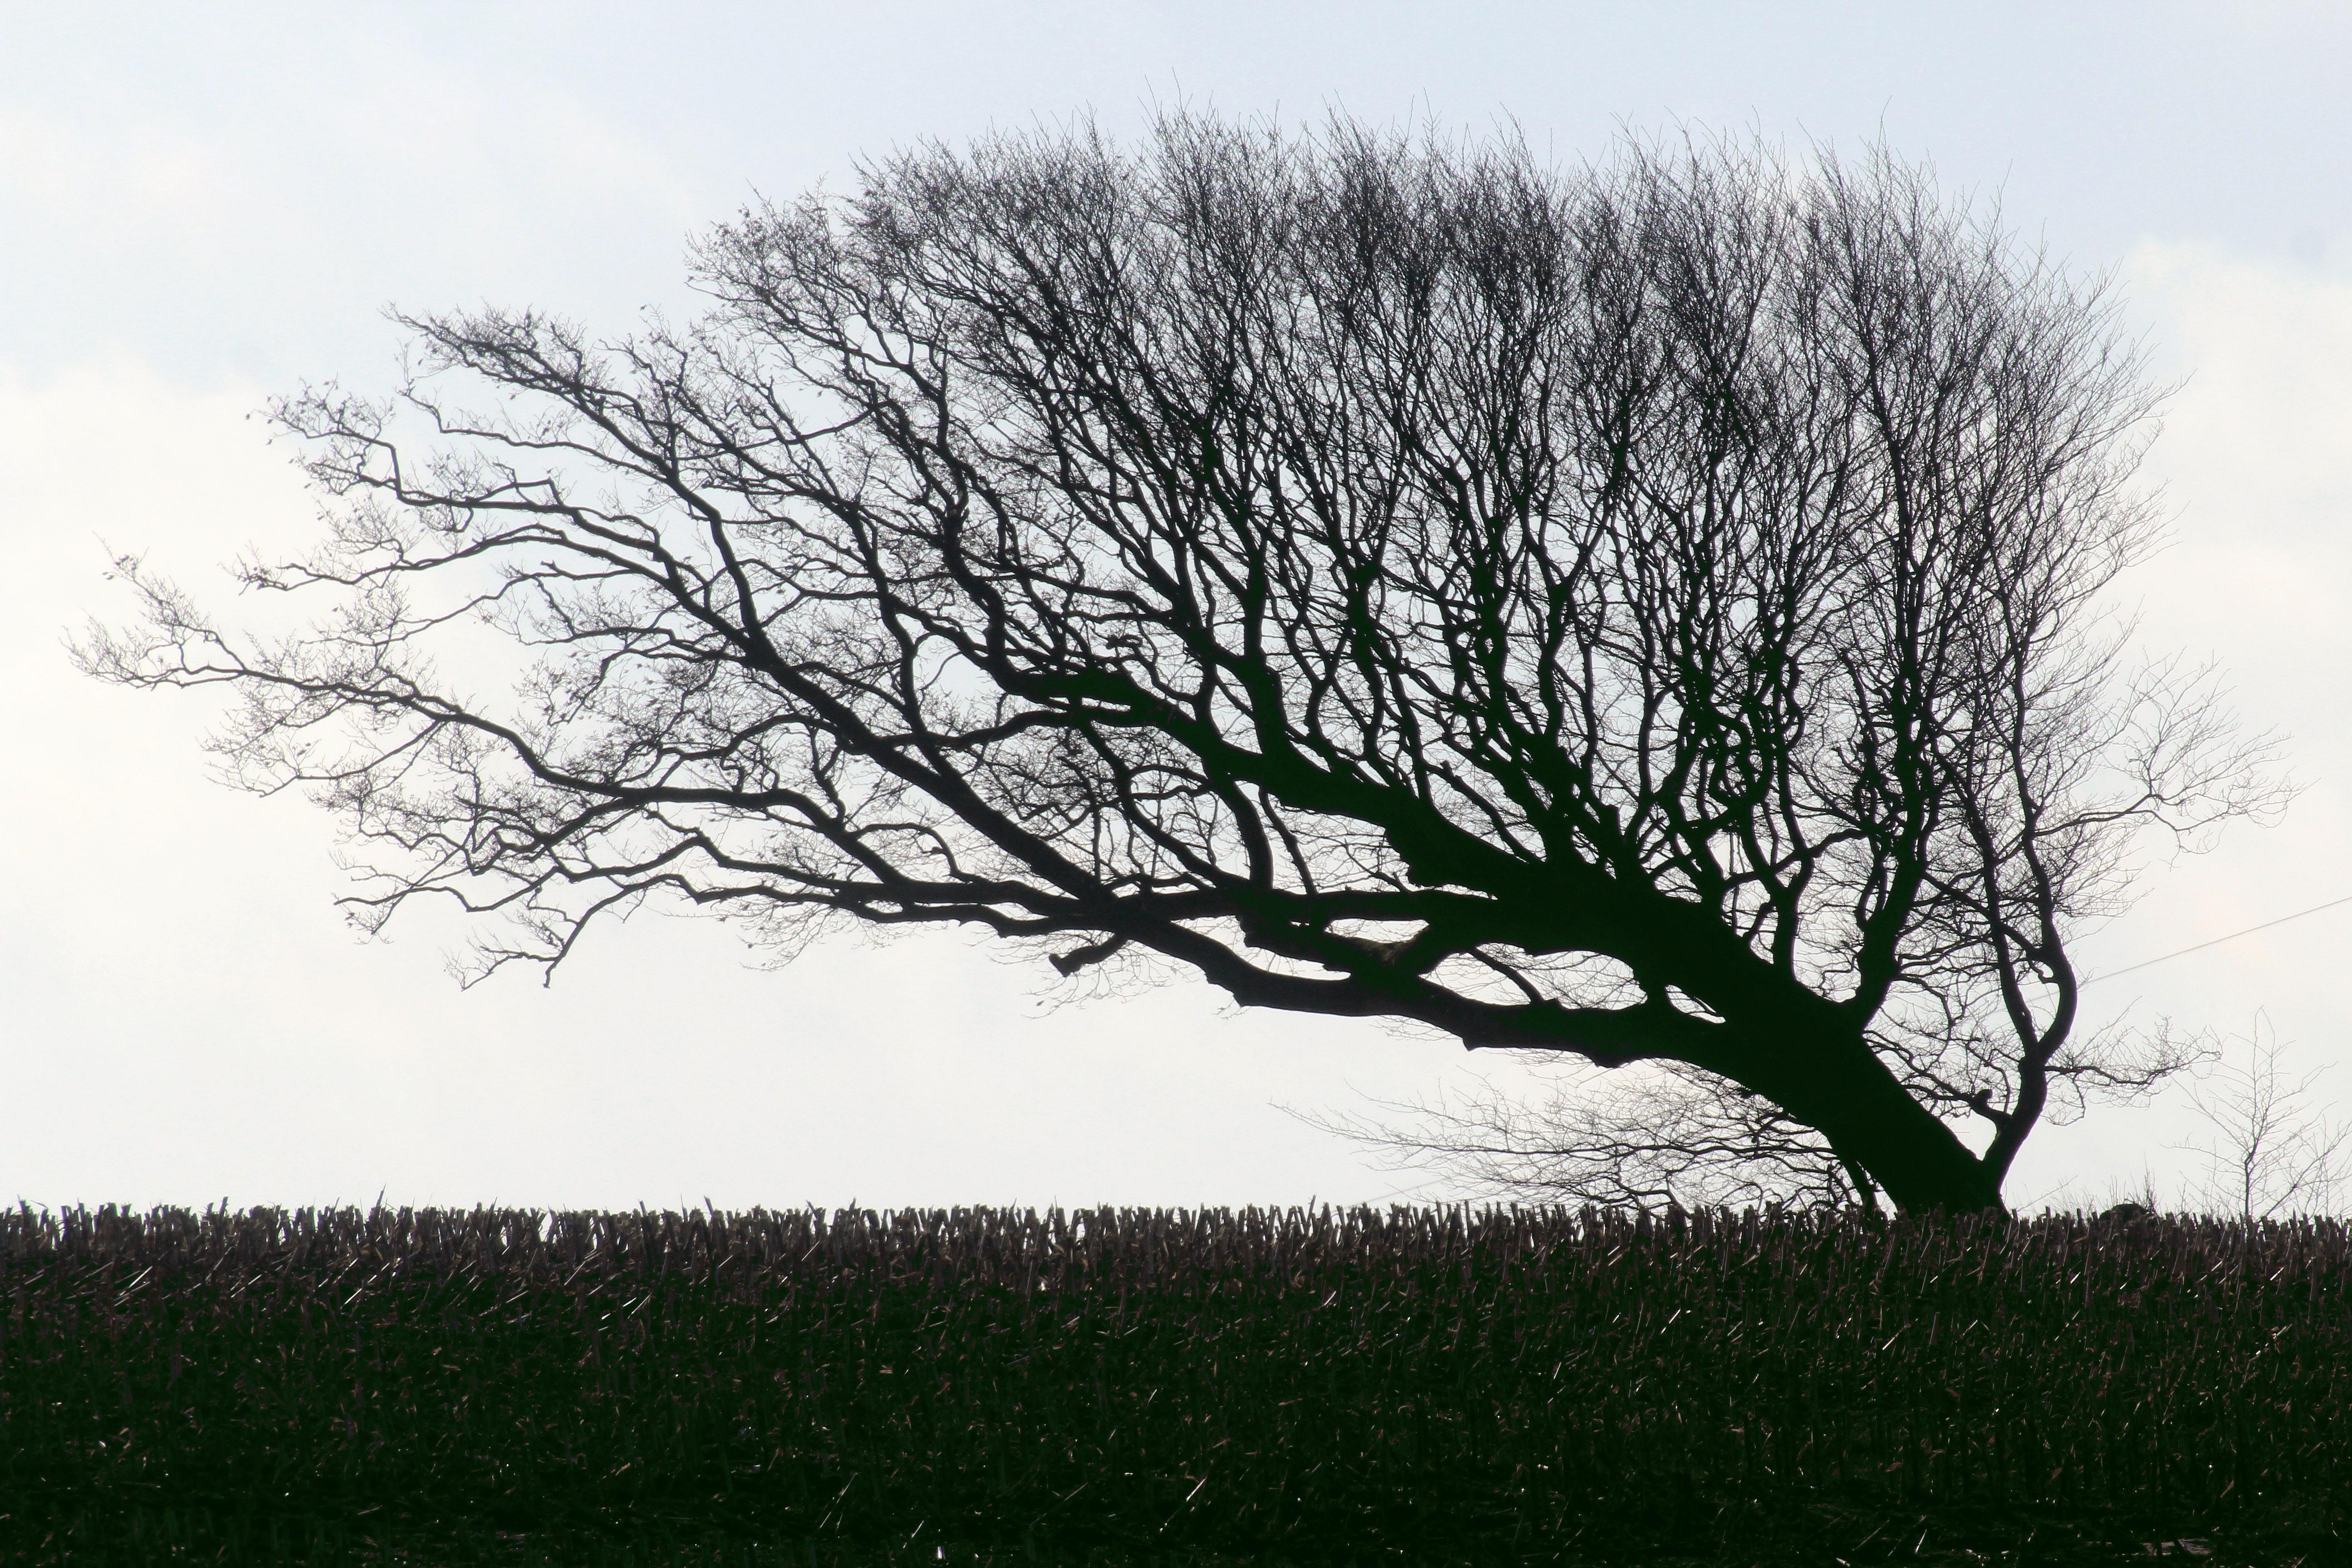 вырубку картинки как деревья гнет ветер заработать хотя еду